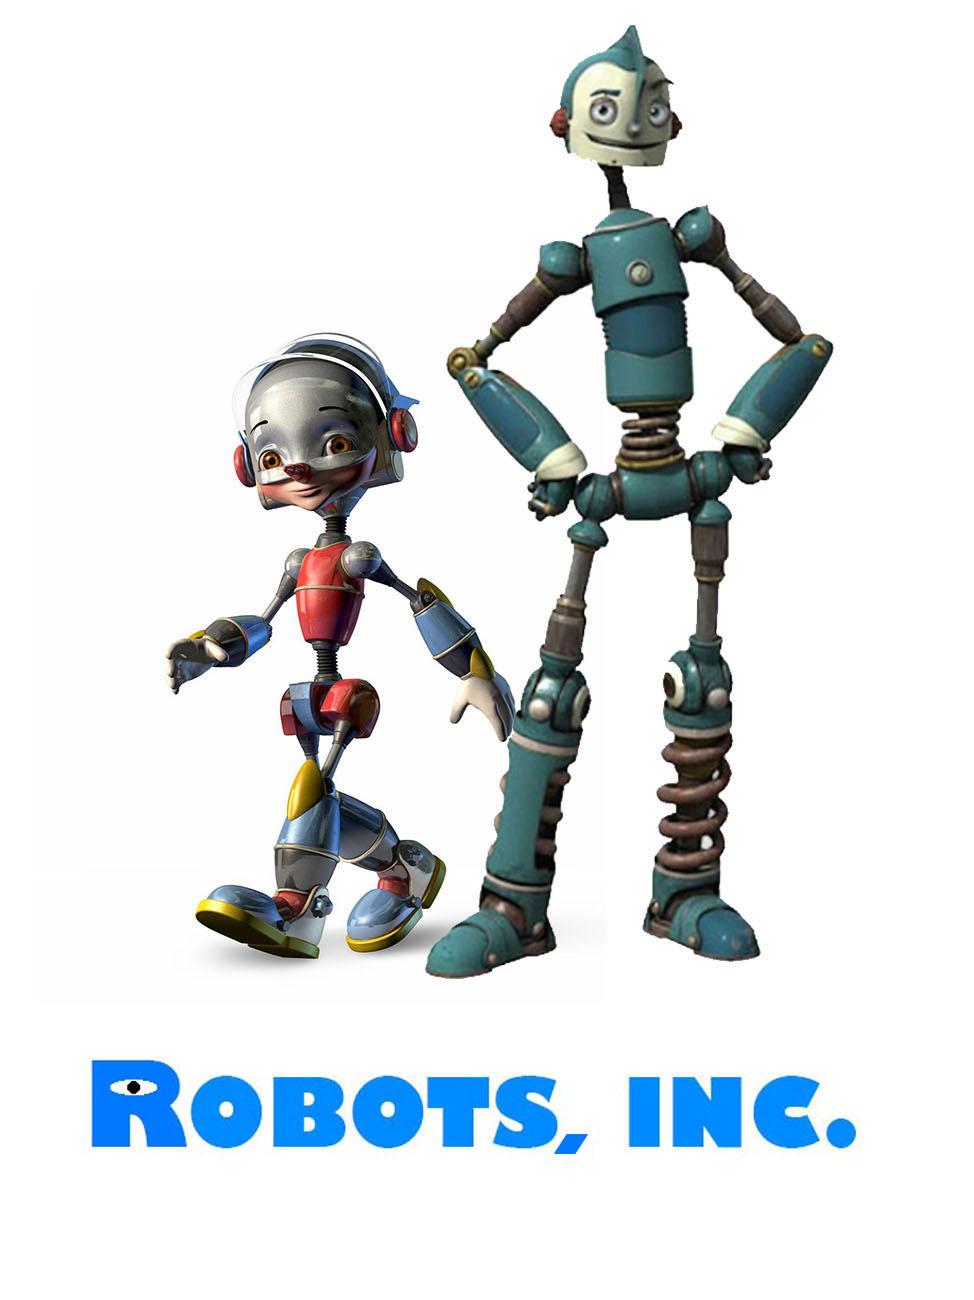 Robots, Inc.